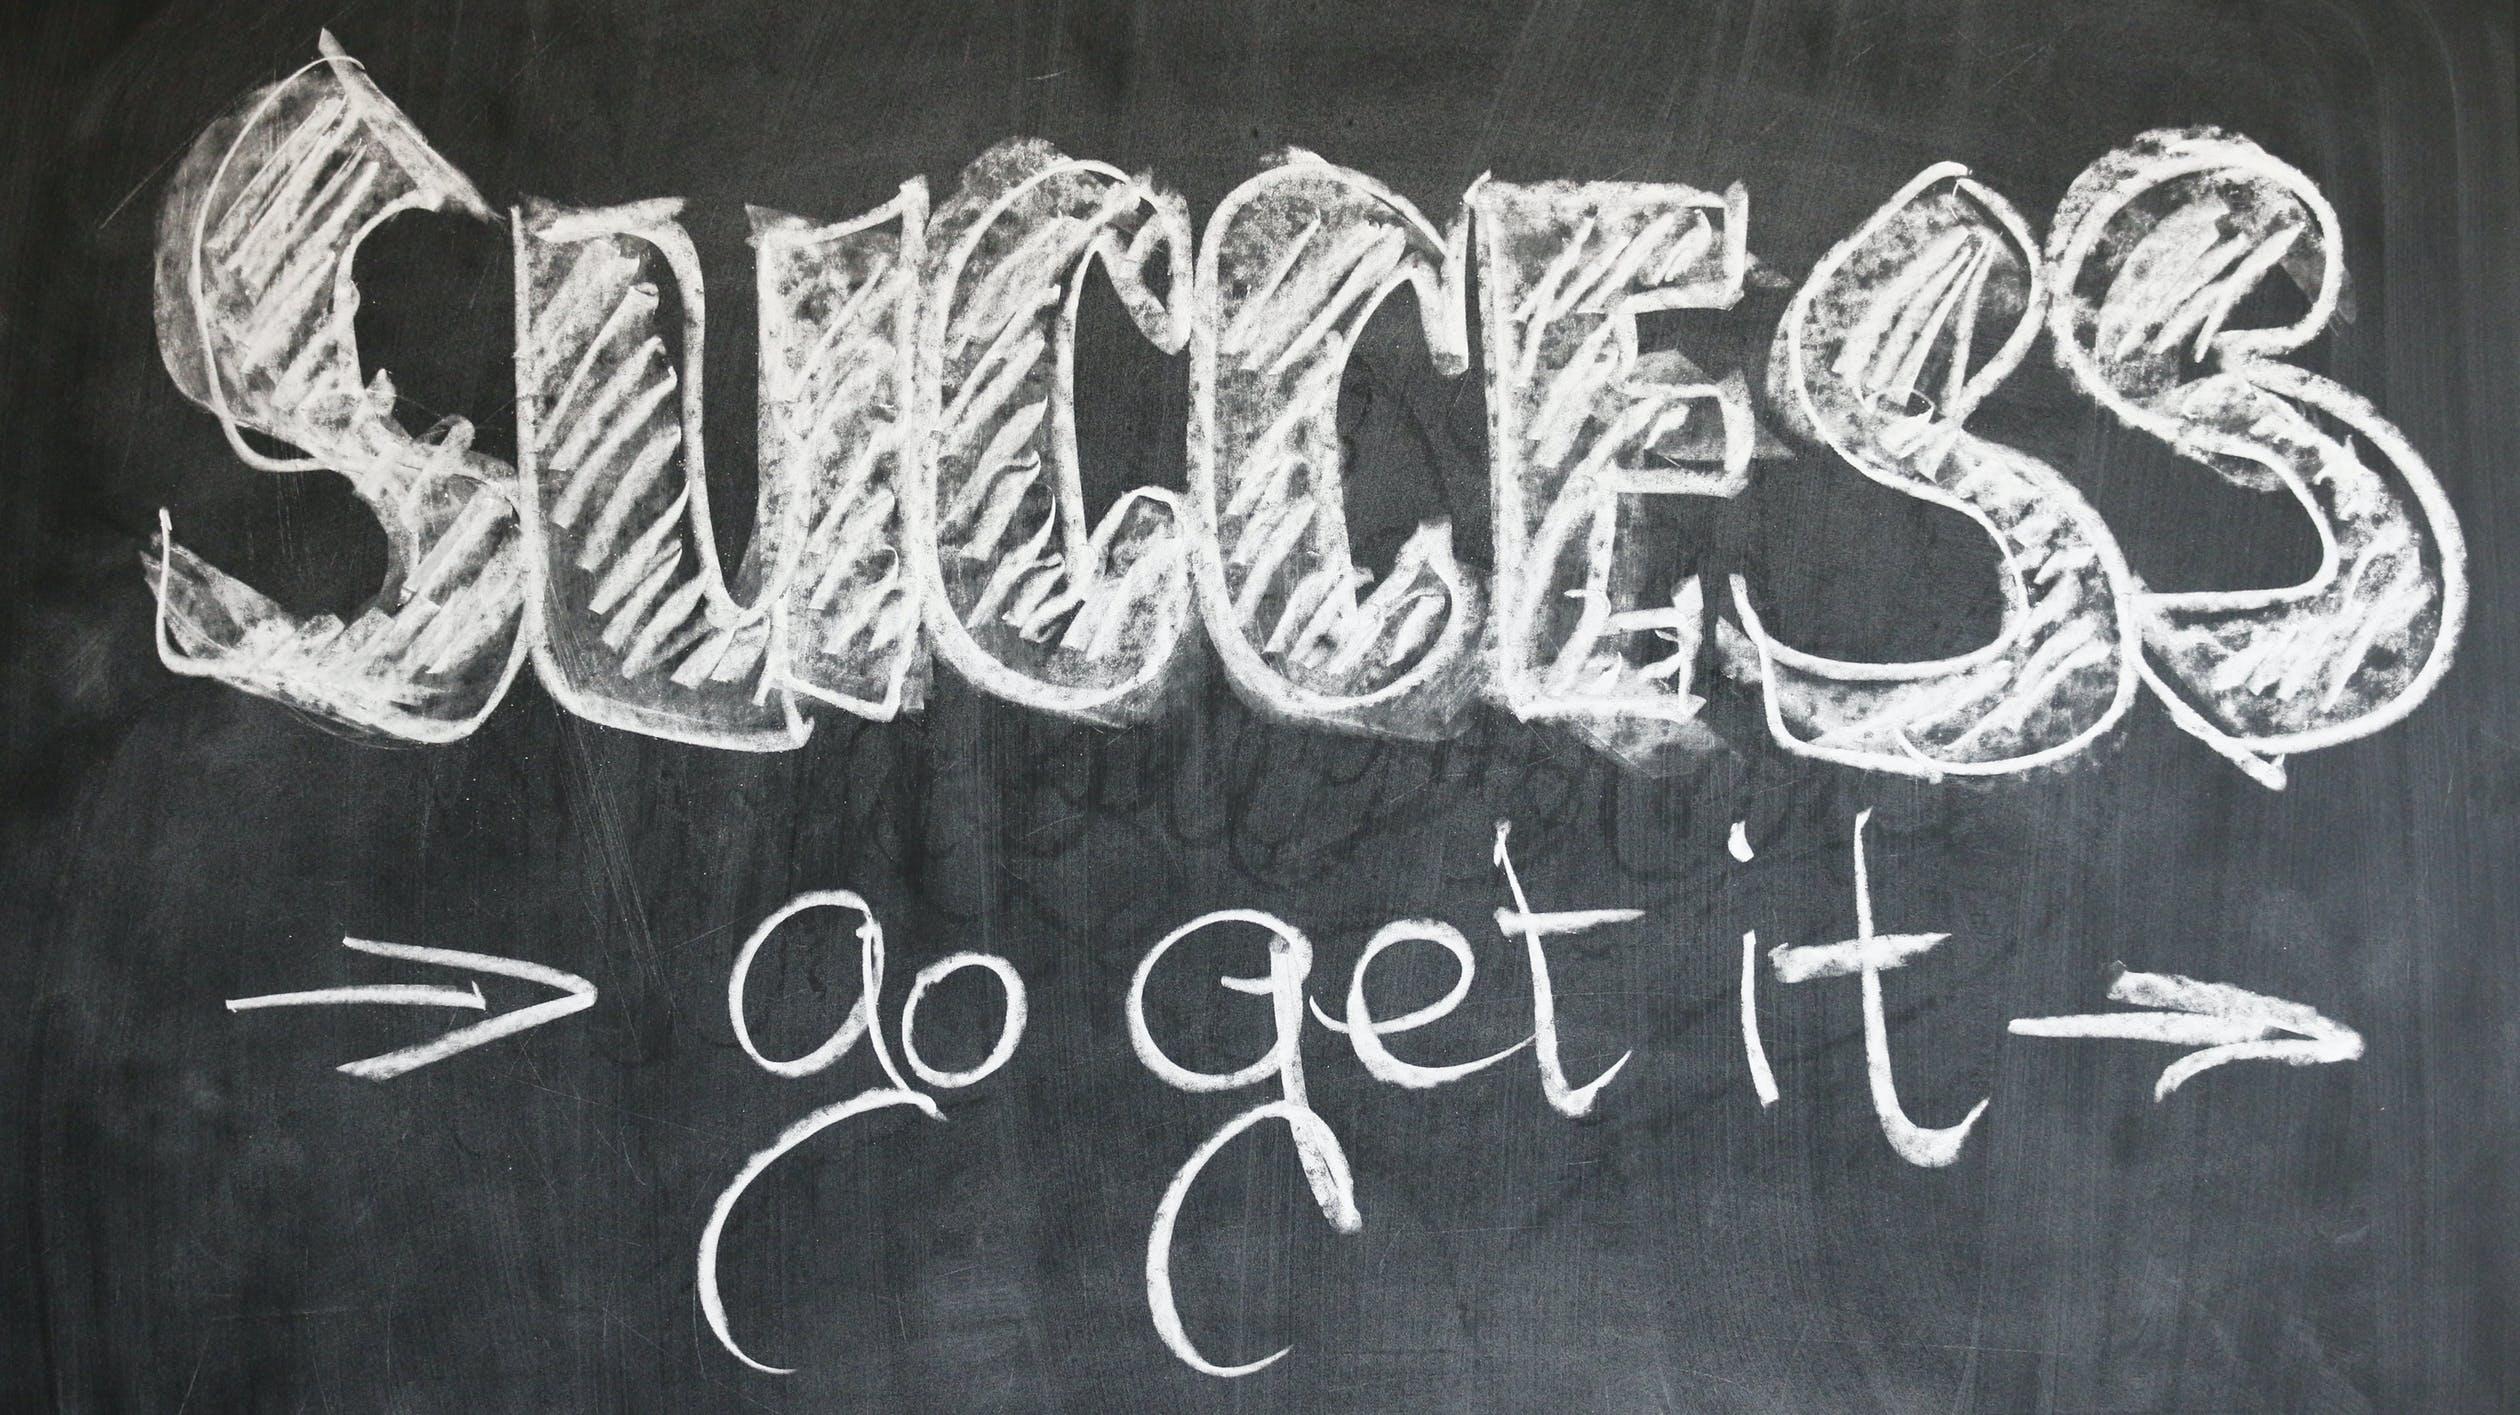 Success - Go Get It